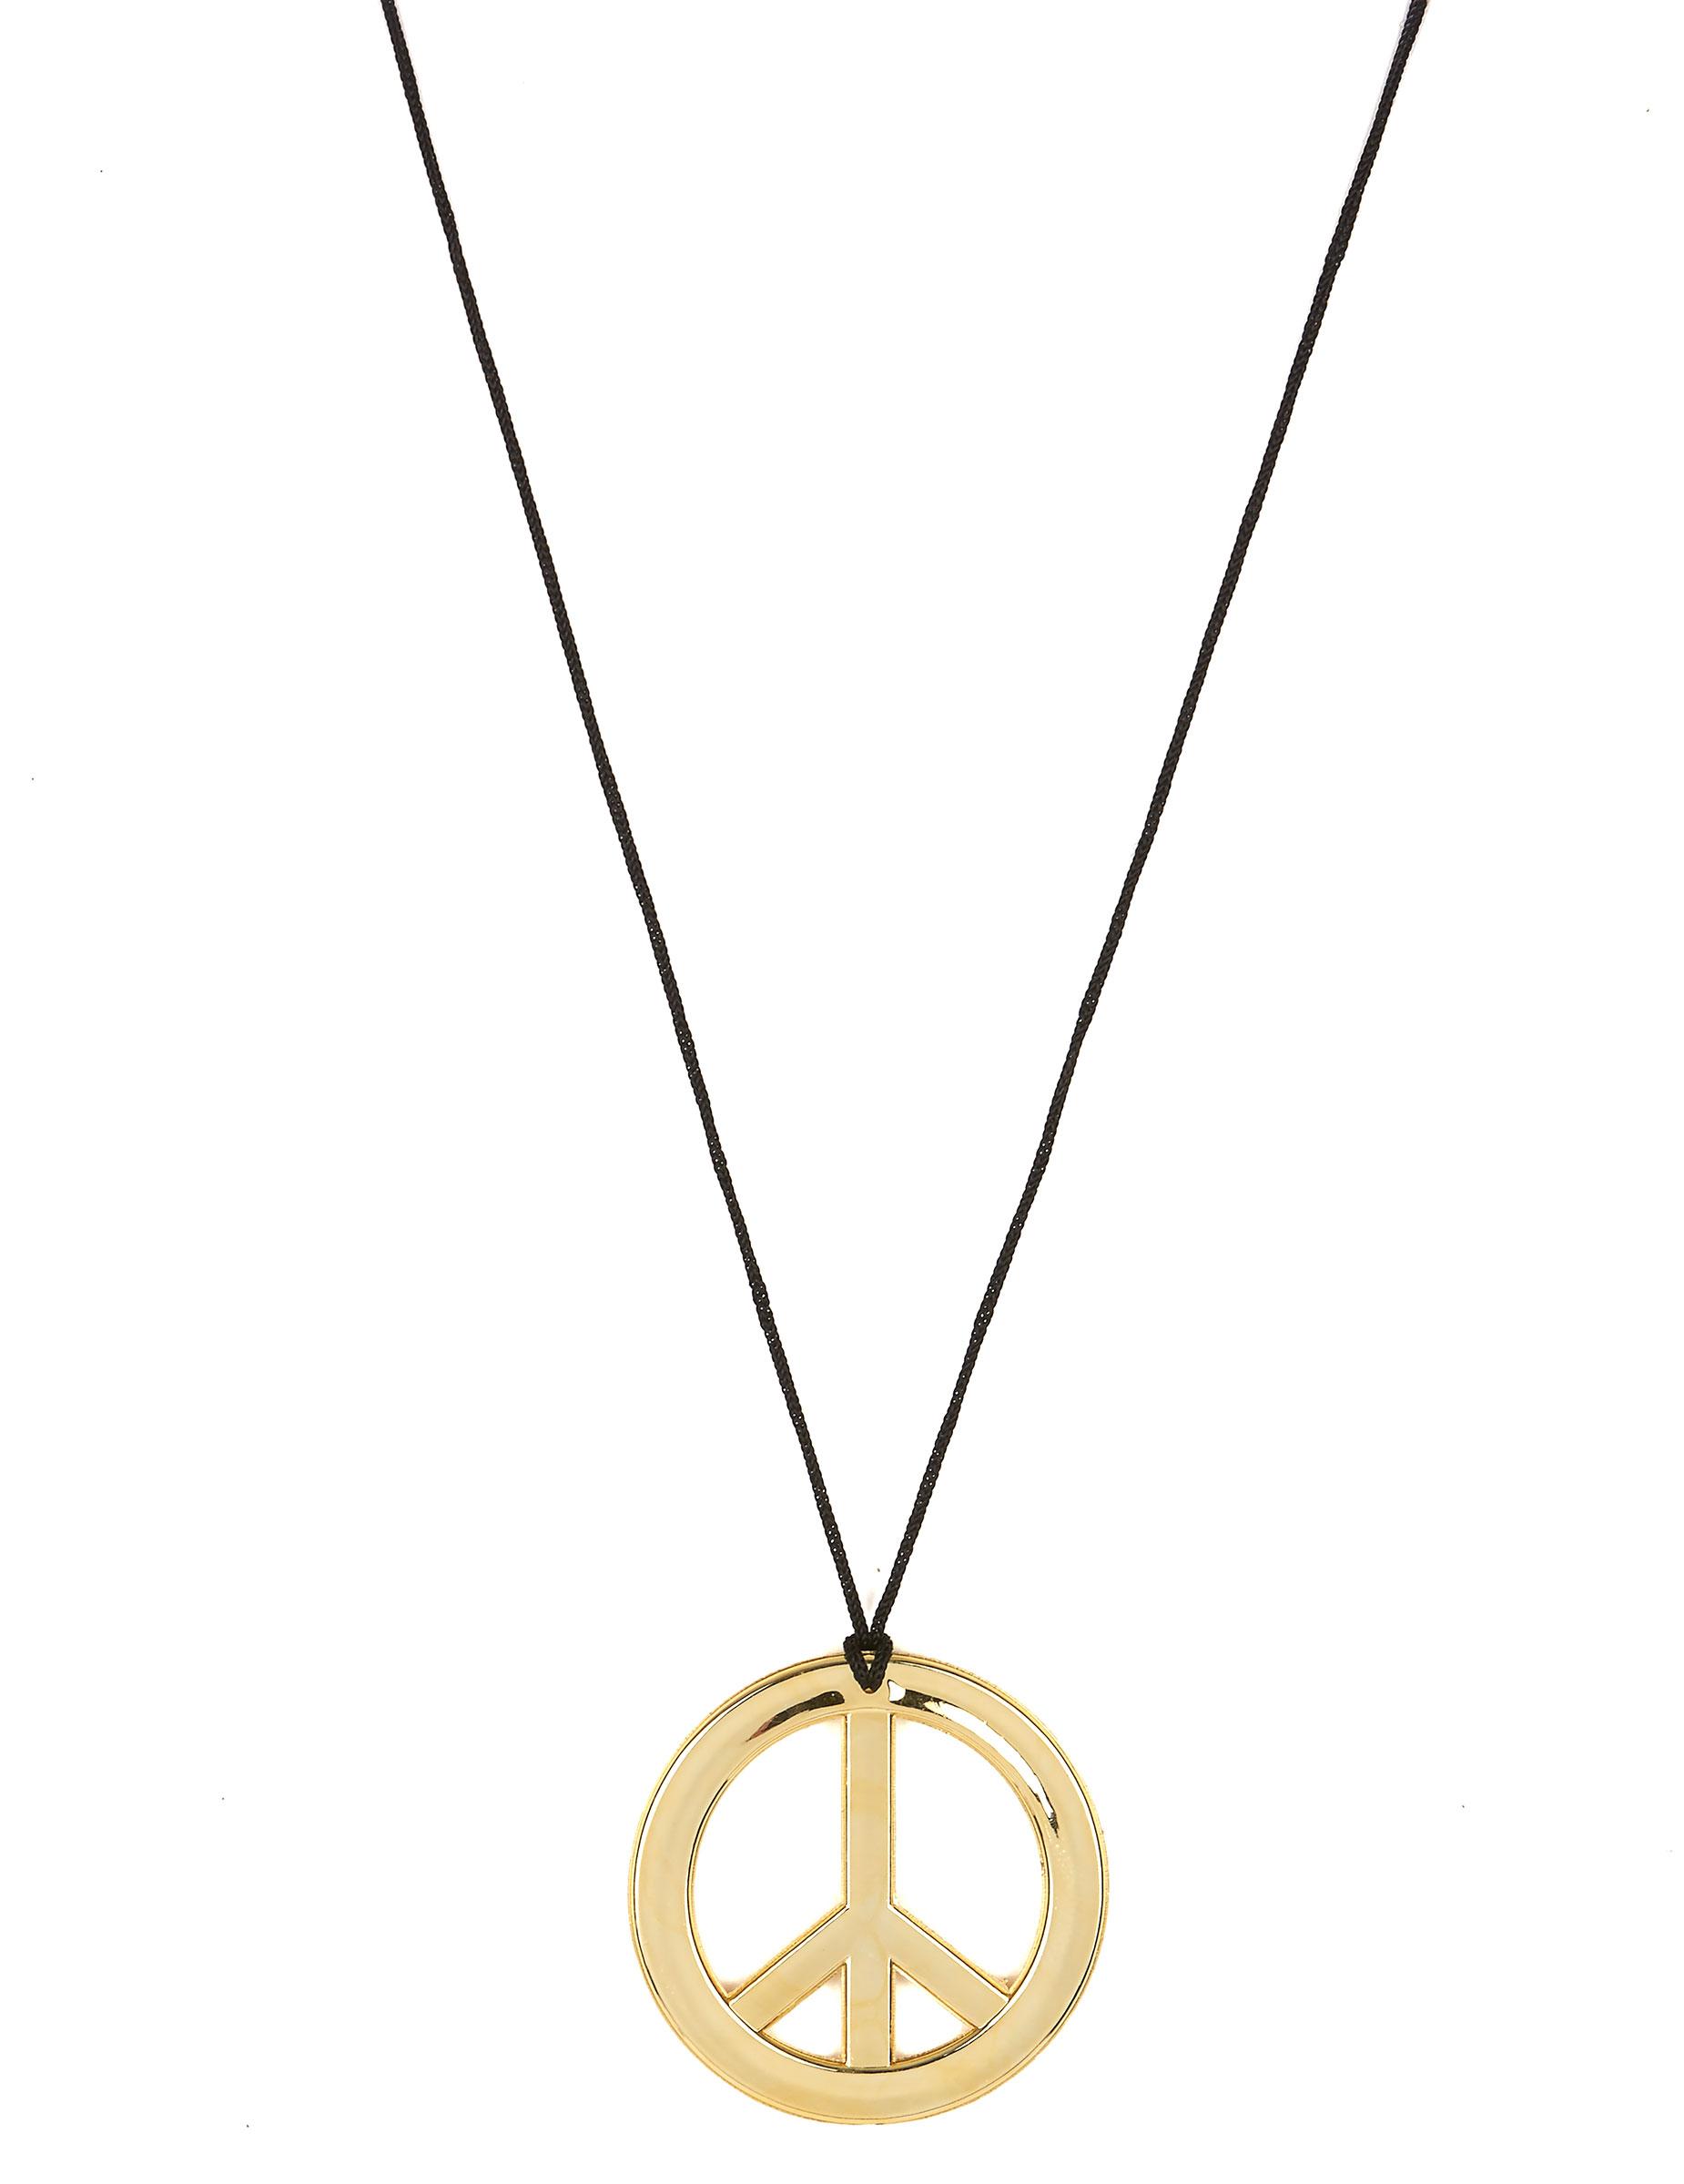 metall halskette hippie kette gold g nstige faschings. Black Bedroom Furniture Sets. Home Design Ideas